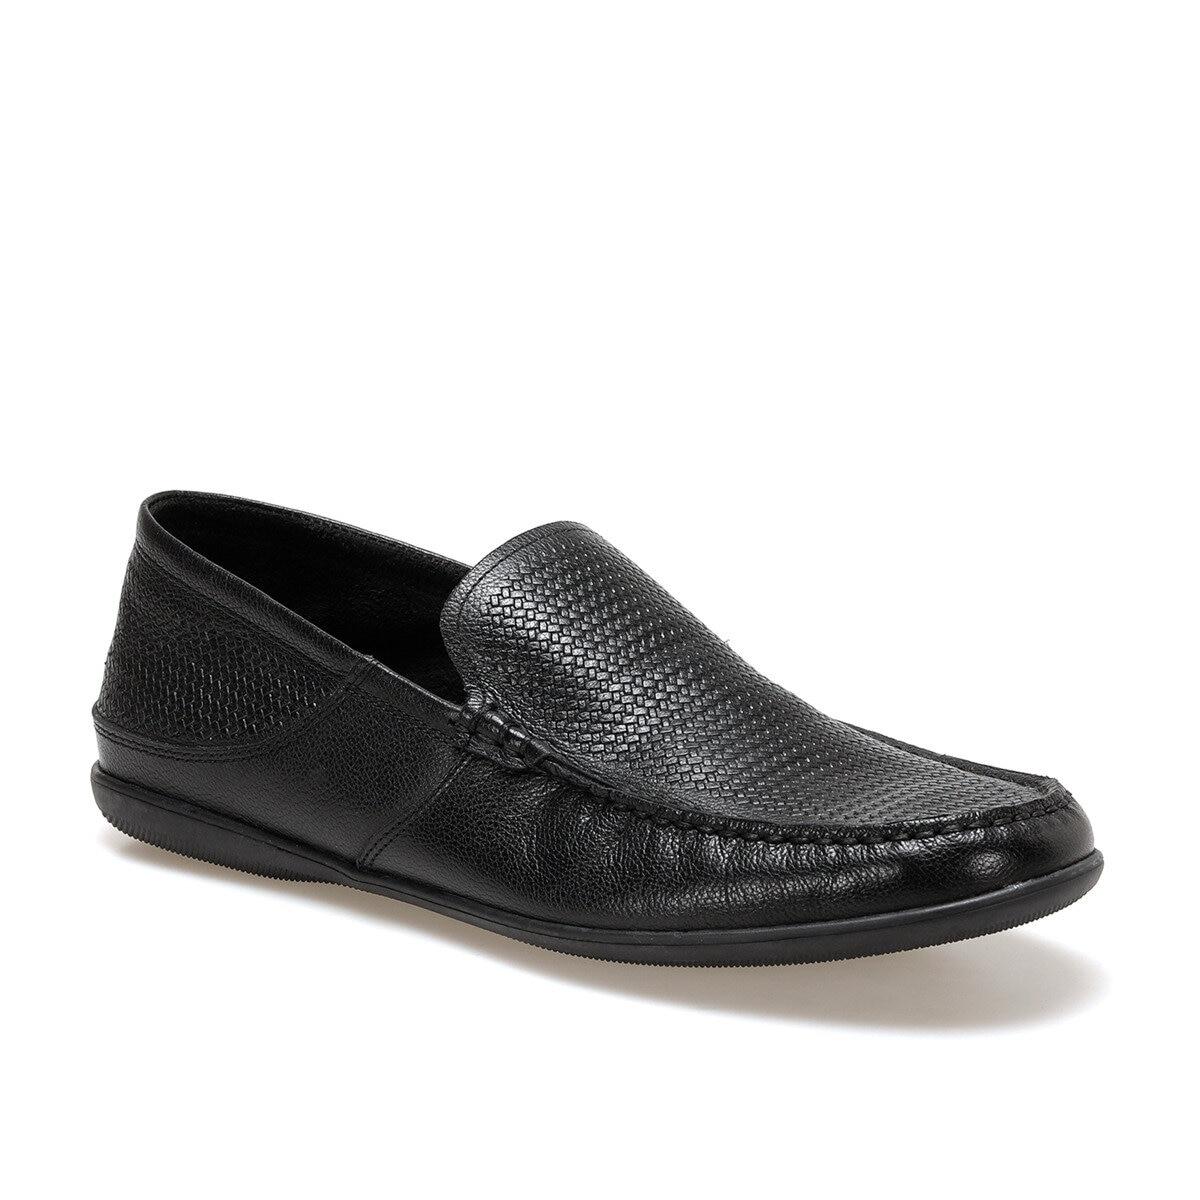 FLO GZL-50-1 GEL Black Men 'S Classic Shoes Flogart